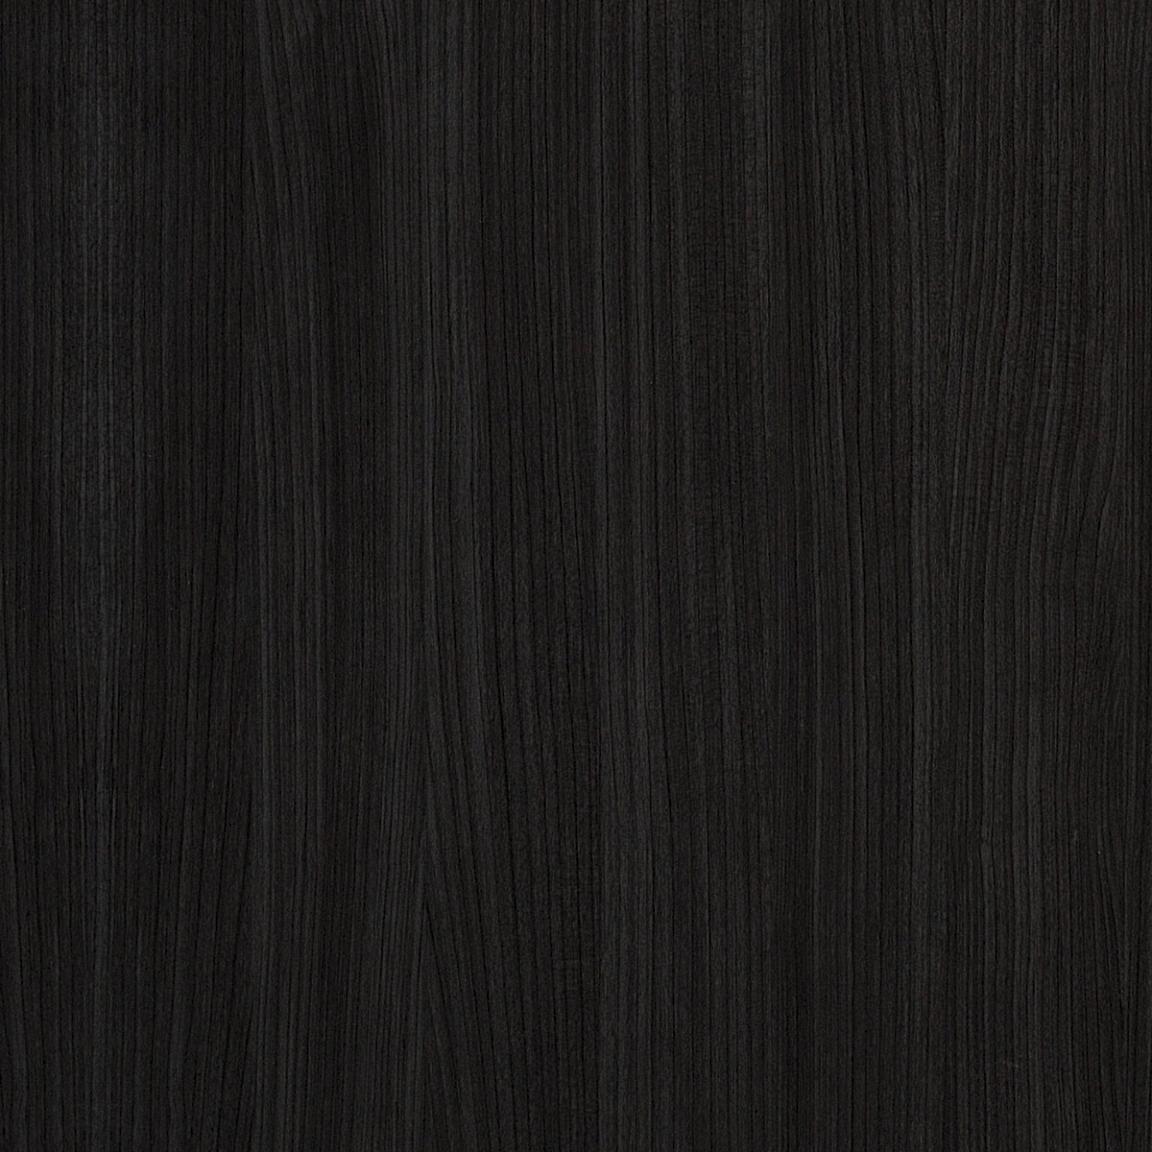 Экошпон венге черно-серый